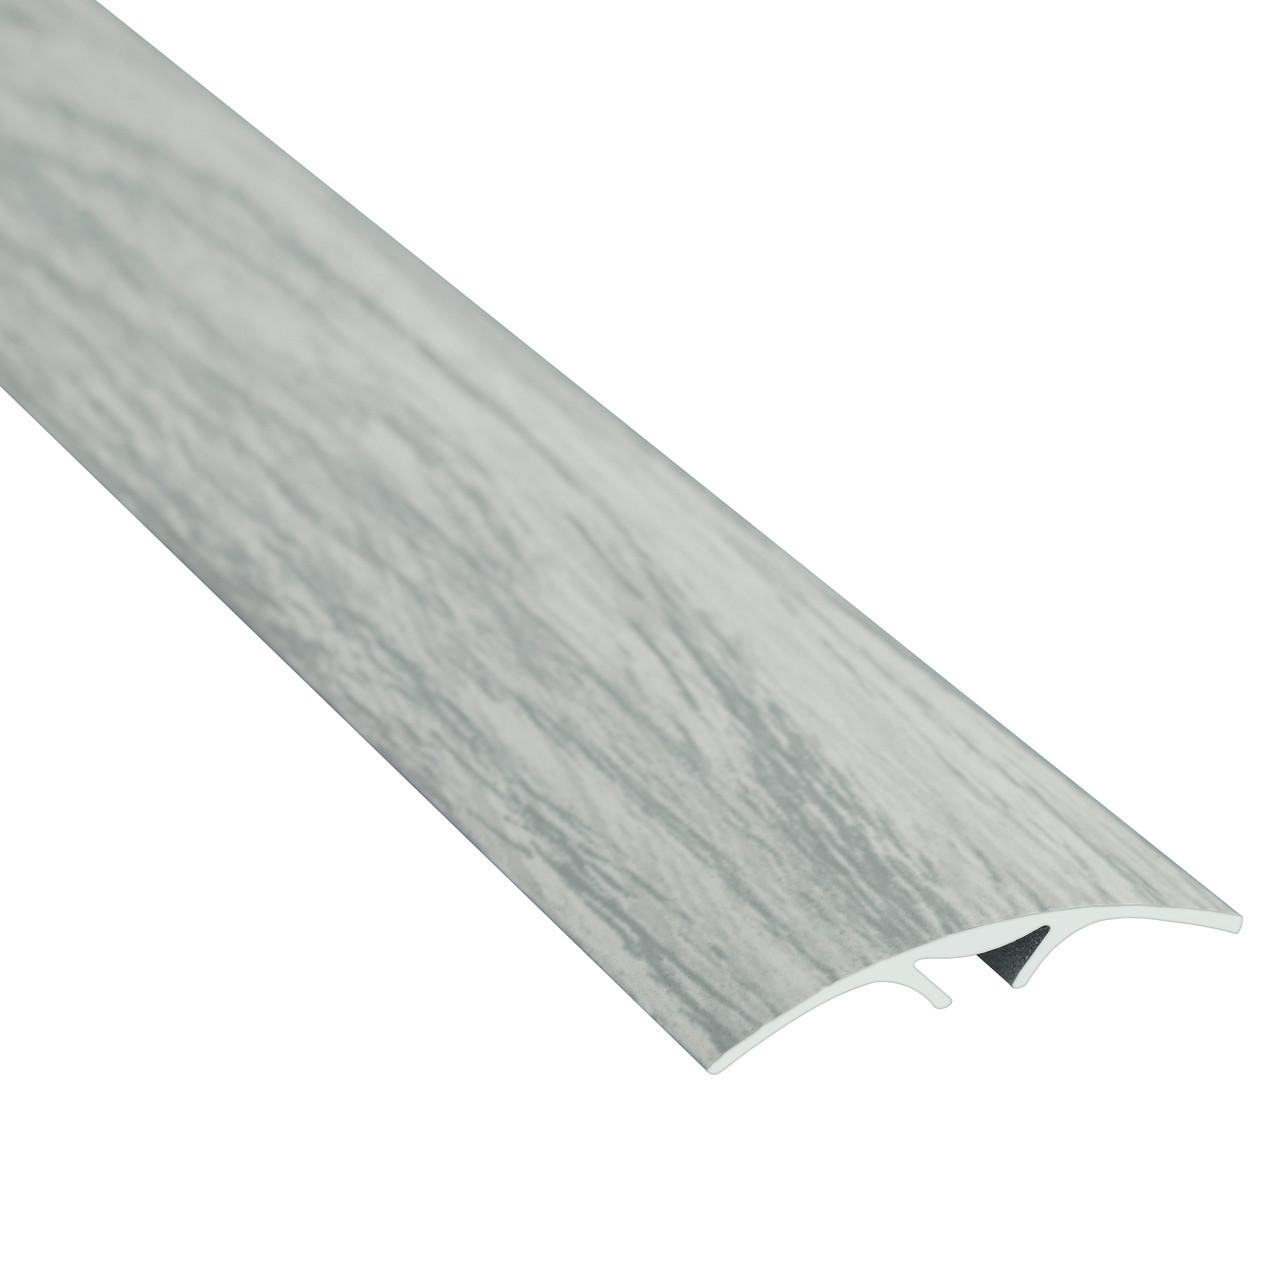 Алюминиевый профиль одноуровневый гладкий (система скрытого крепления) 40мм х 1.8м дуб снежный